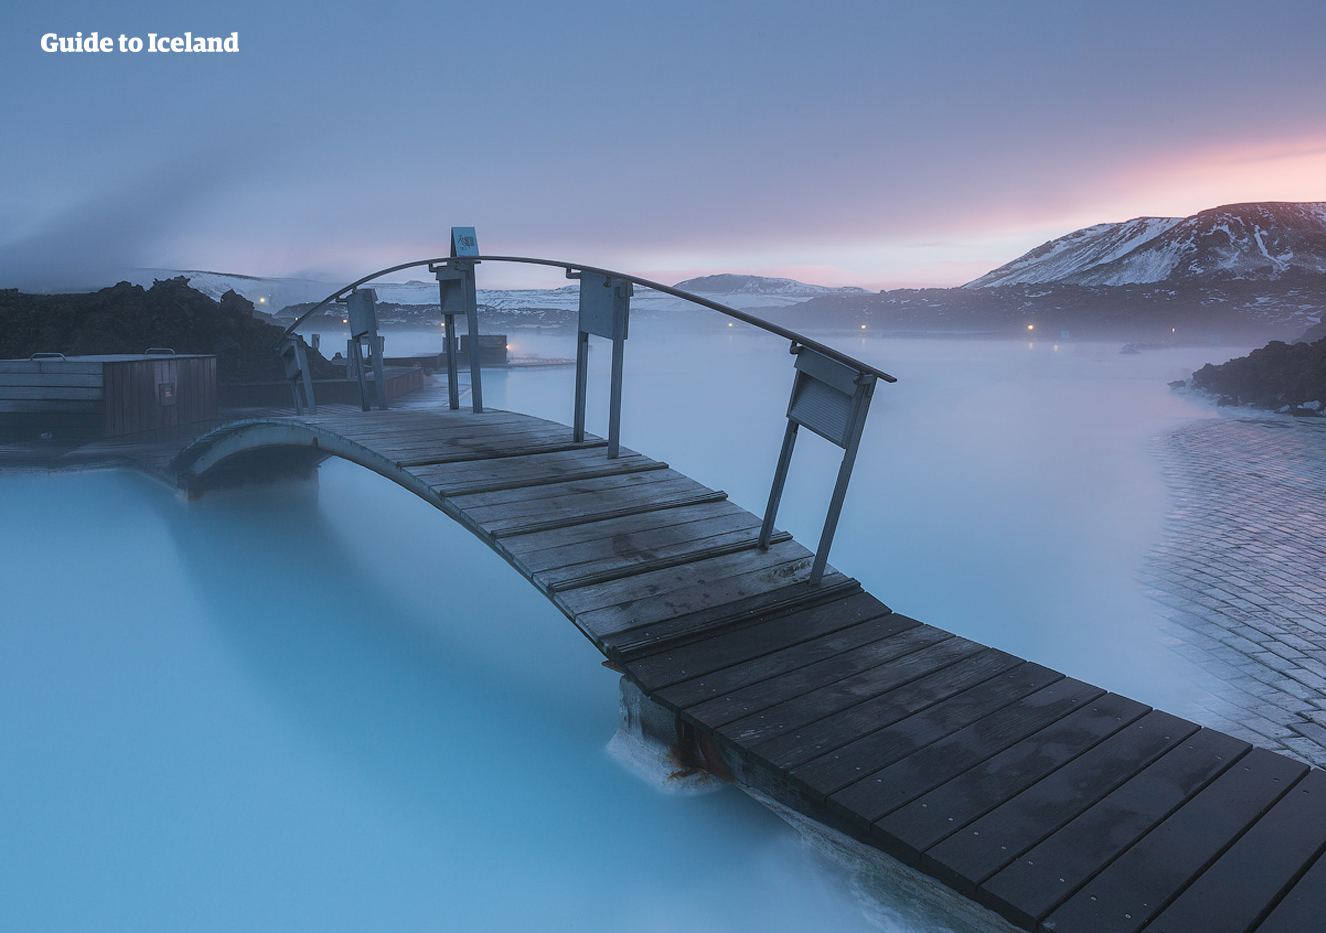 Erkunde auf deiner Mietwagenreise die faszinierende Halbinsel Reykjanes mit der Blauen Lagune.